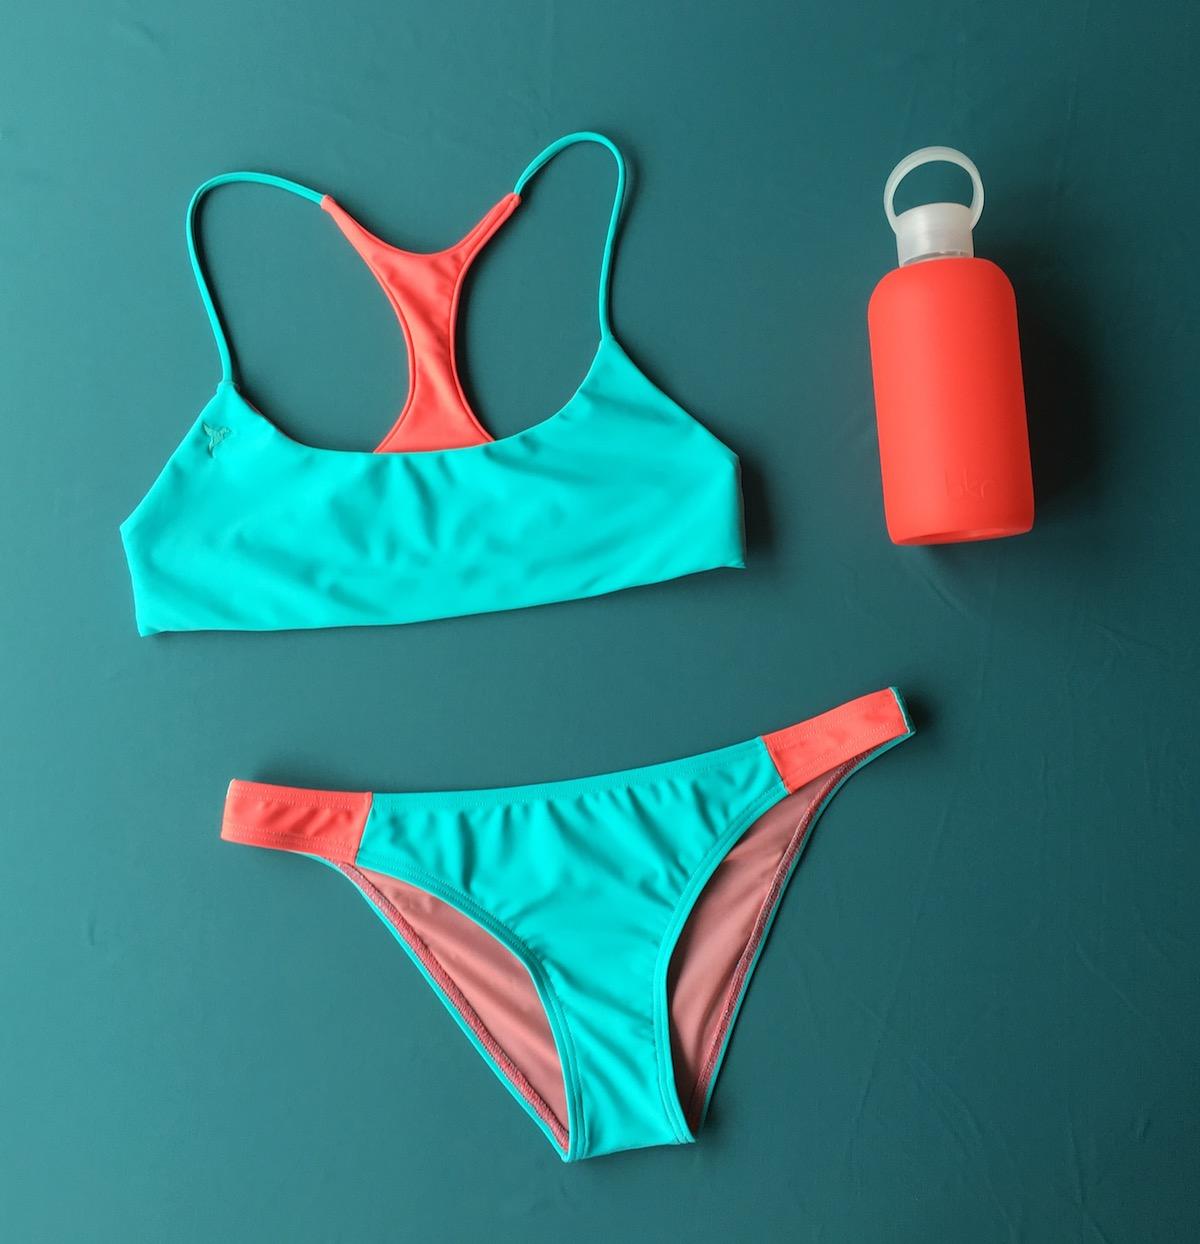 fff0804d0d15 Marca de moda ecológica Cabuya SurfBikinis - Moda impacto positivo